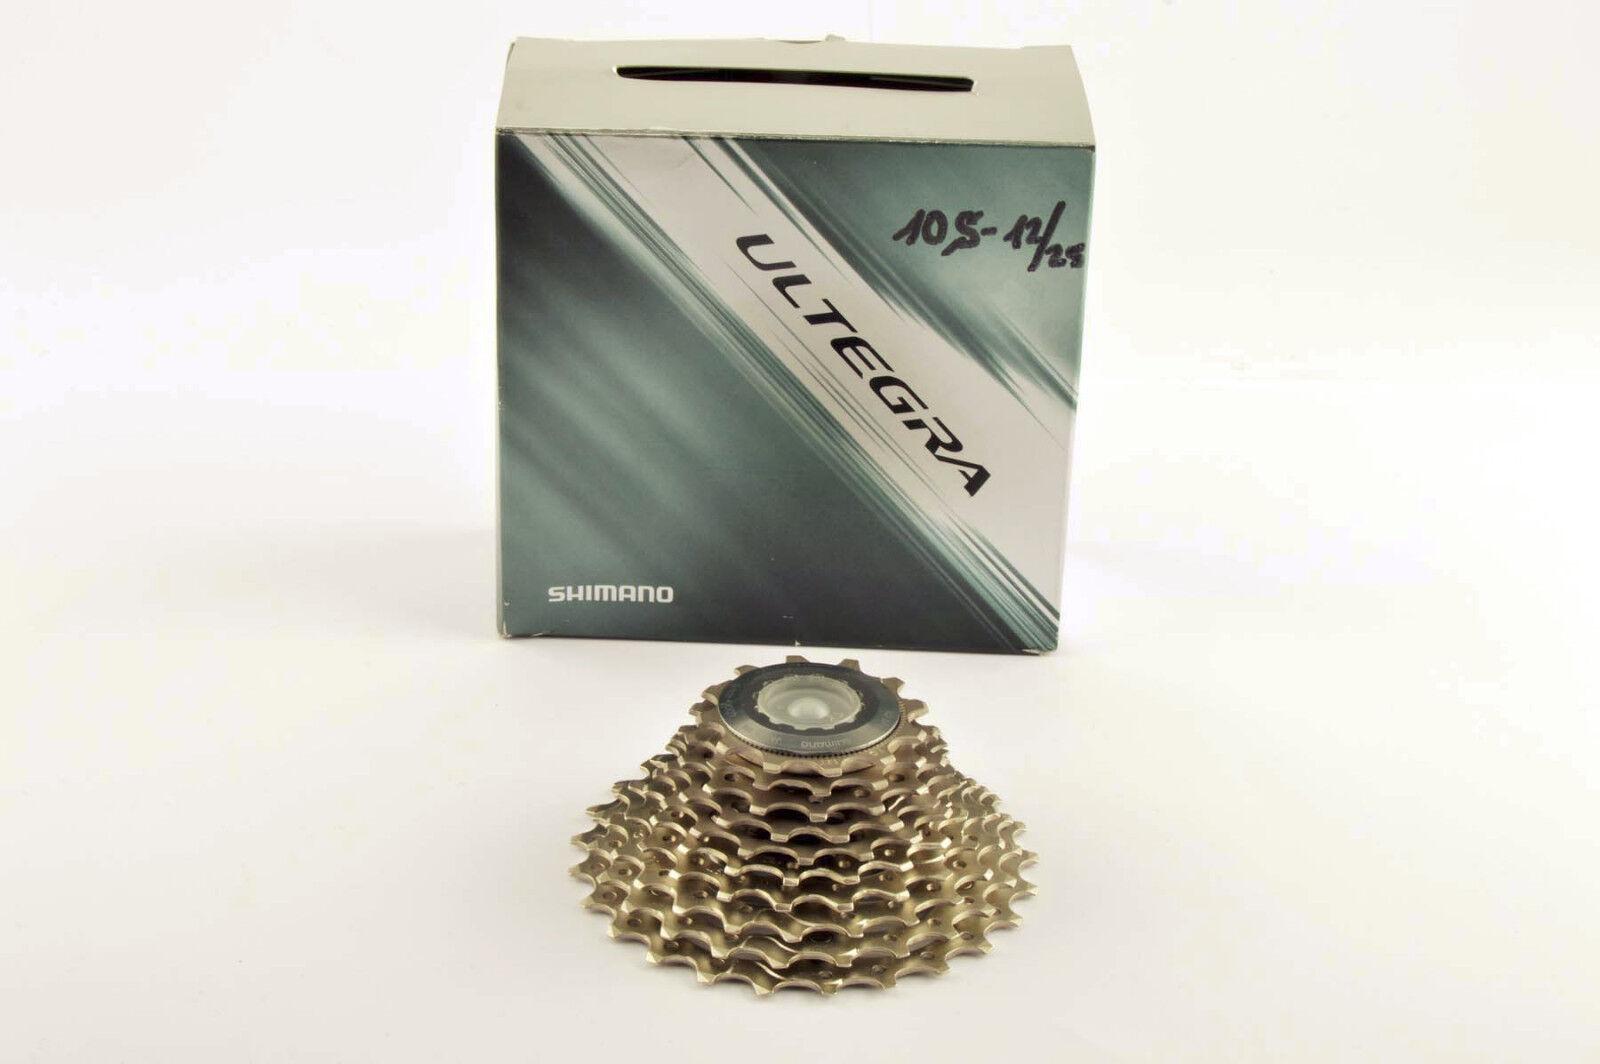 NEW Shimano Ultegra  CS-6700 10-speed cassette 12-25 teeth from 2010 NOS/NIB